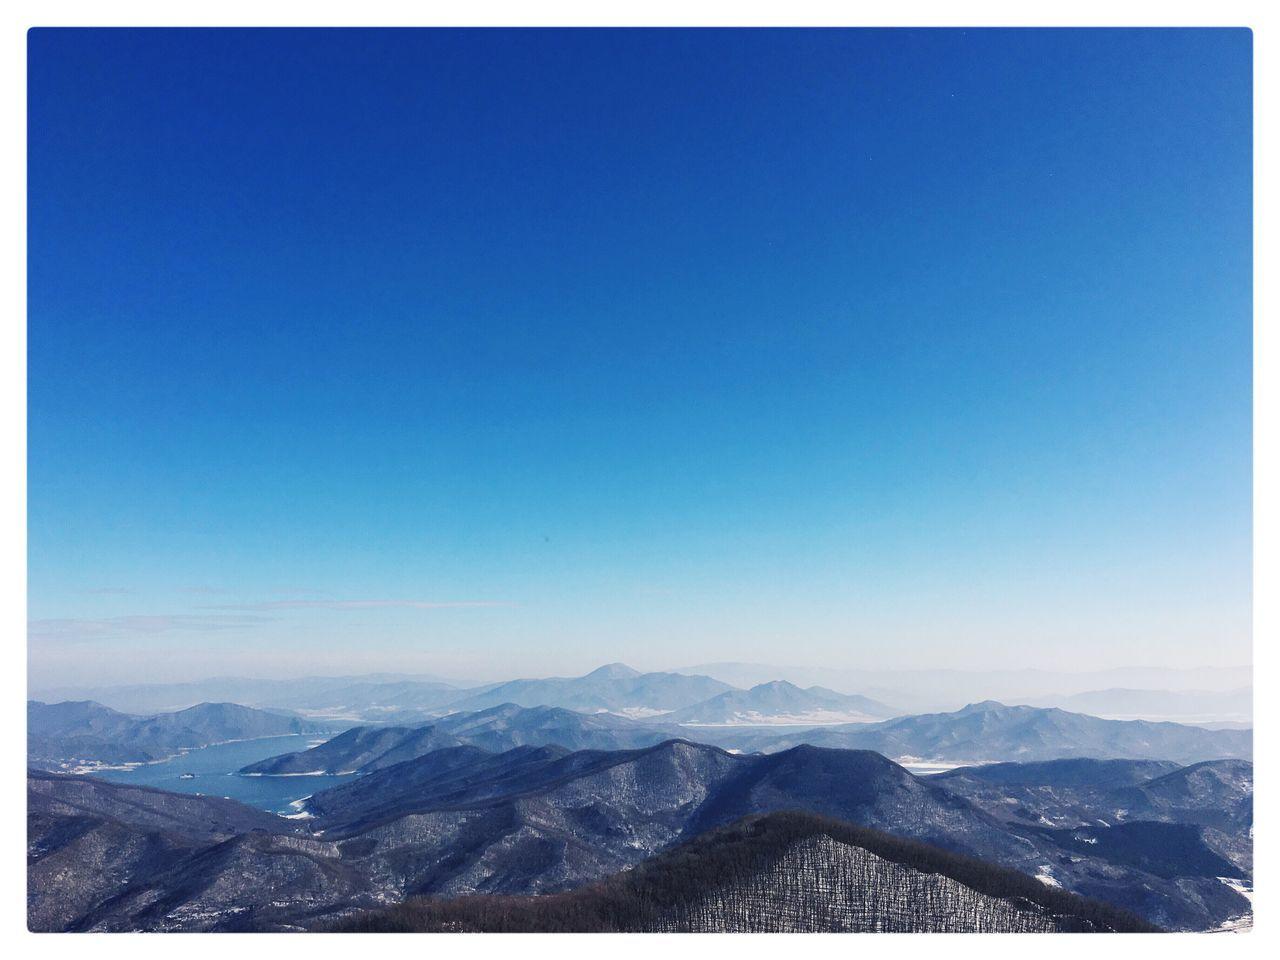 Mountain Range Sky Day